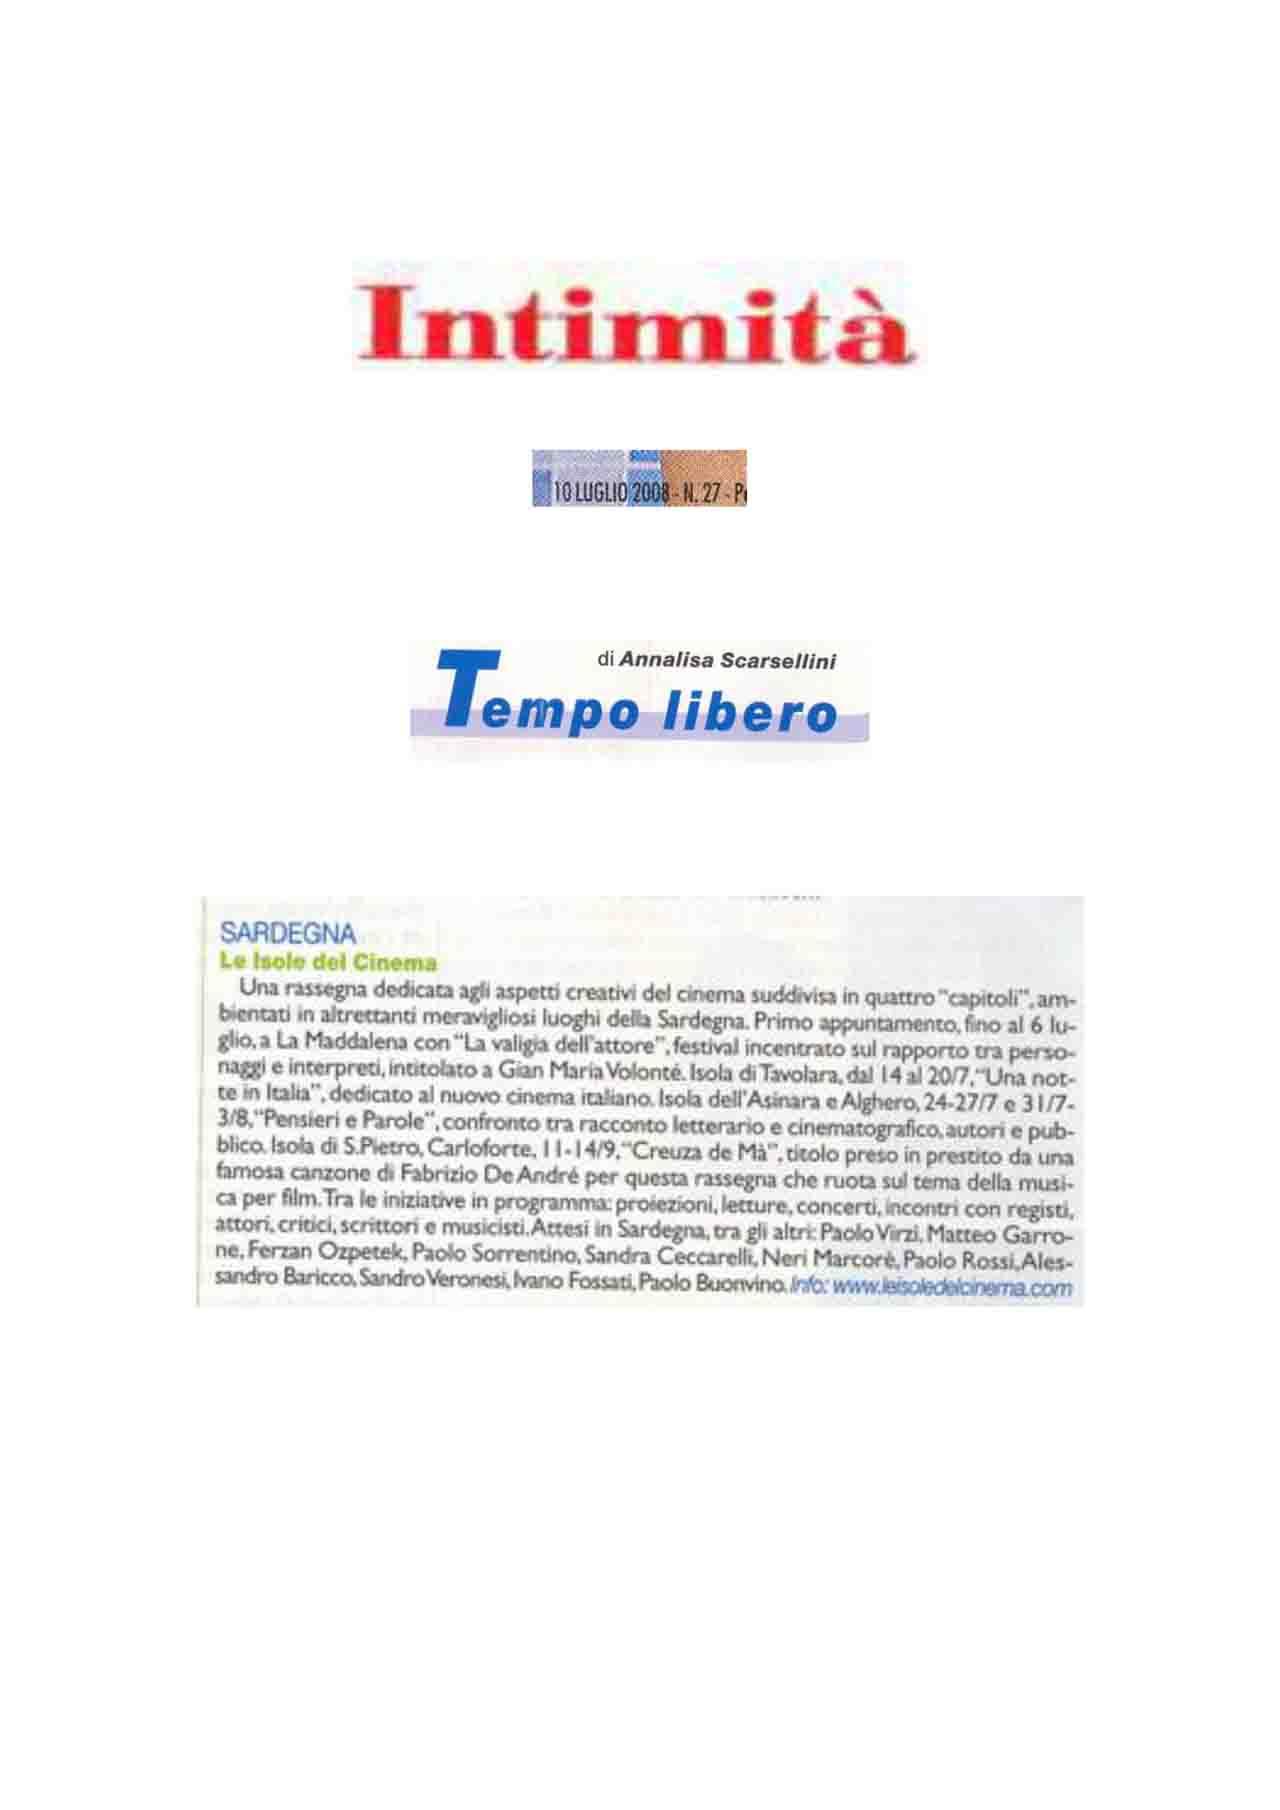 03-07-08 Intimità